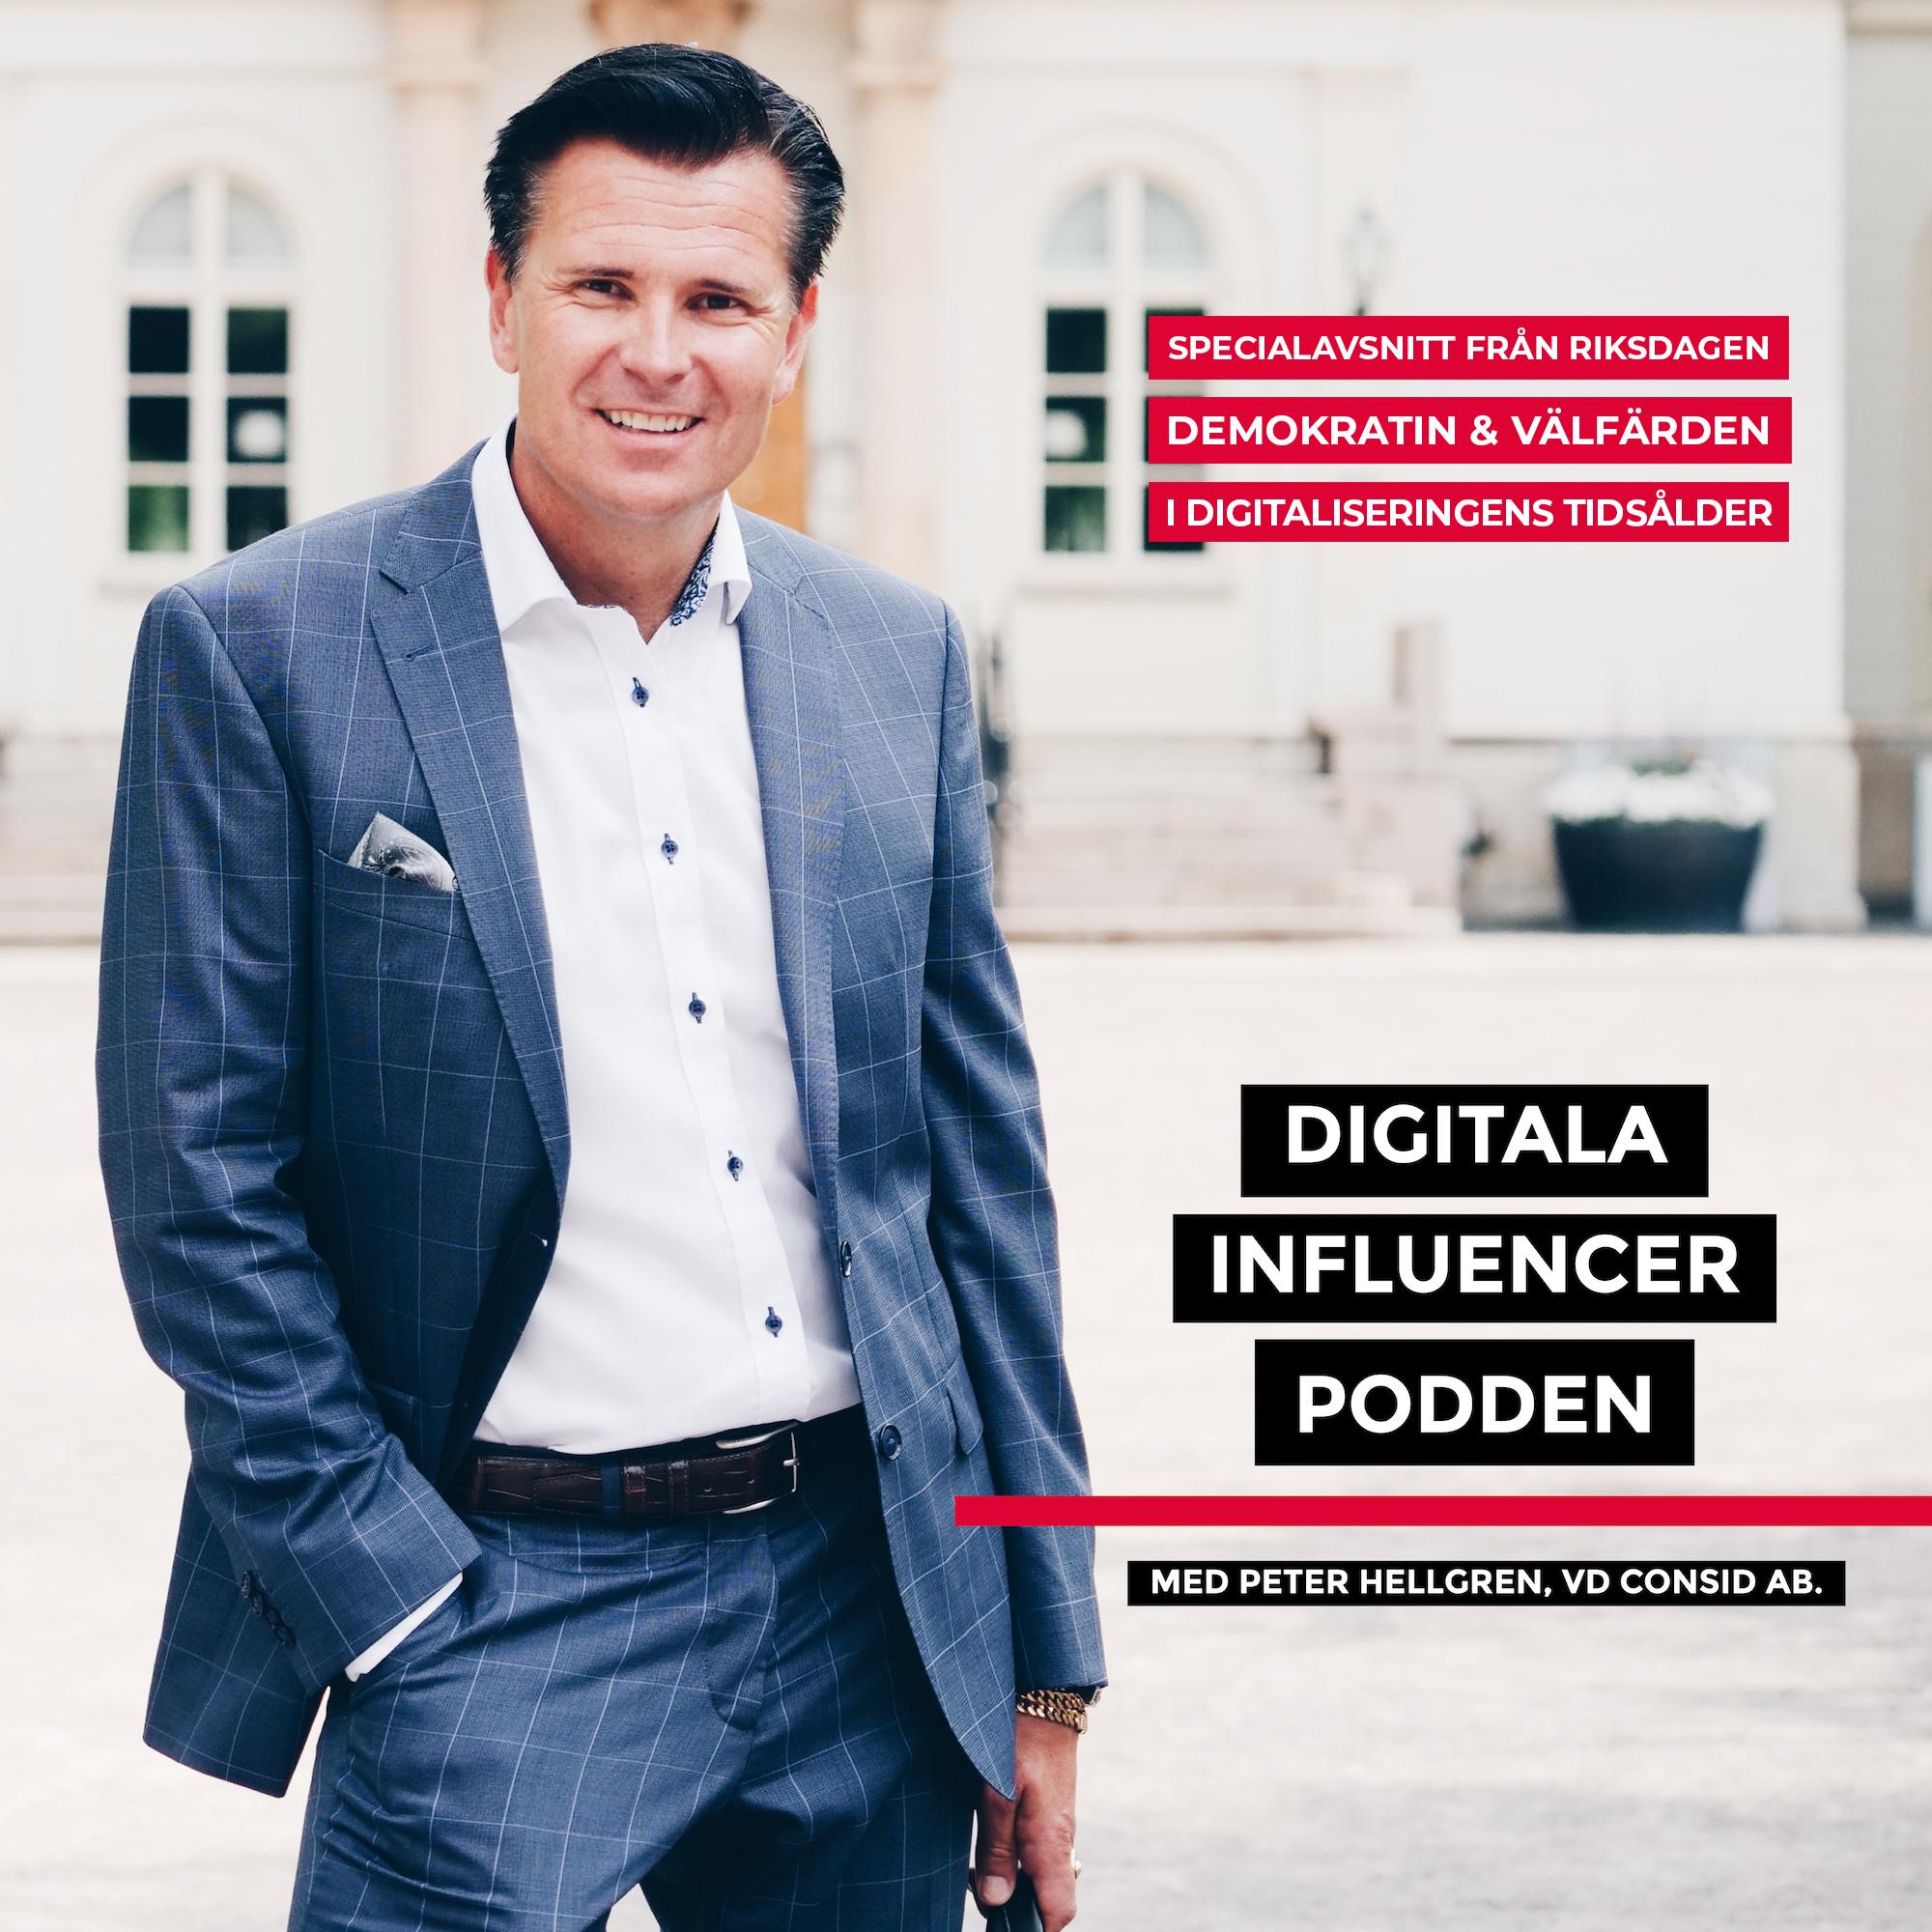 SPECIALAVSNITT: Seminarium i Sveriges Riksdag - Demokratin och välfärden i digitaliseringens tidsålder